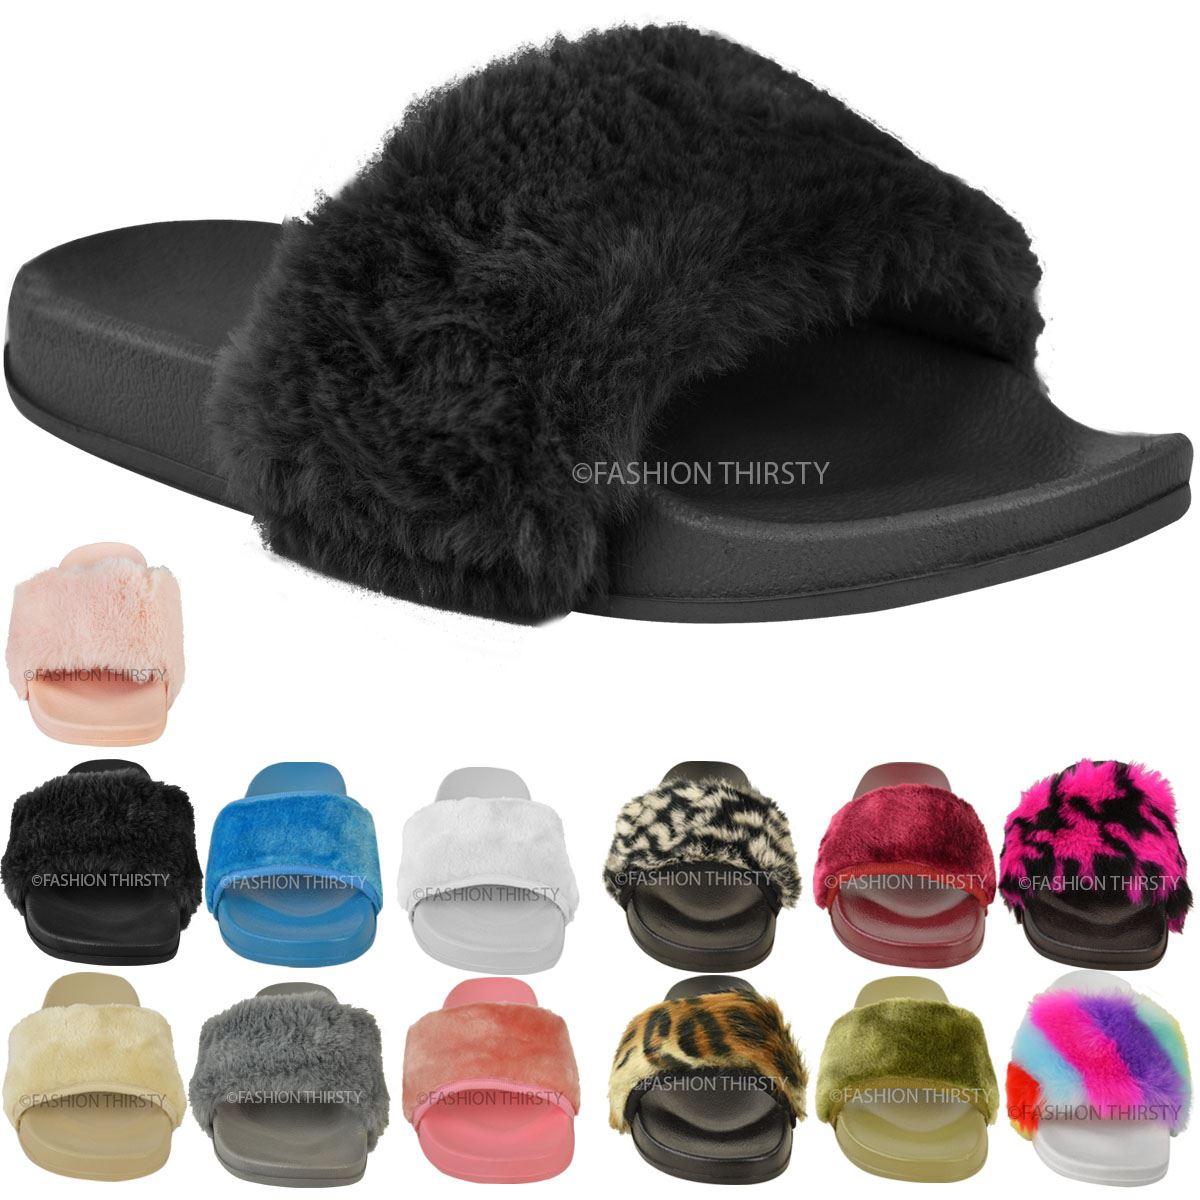 Faux-Fur-Fluffy-Sliders-Flat-Celebrity-Black-Designer-